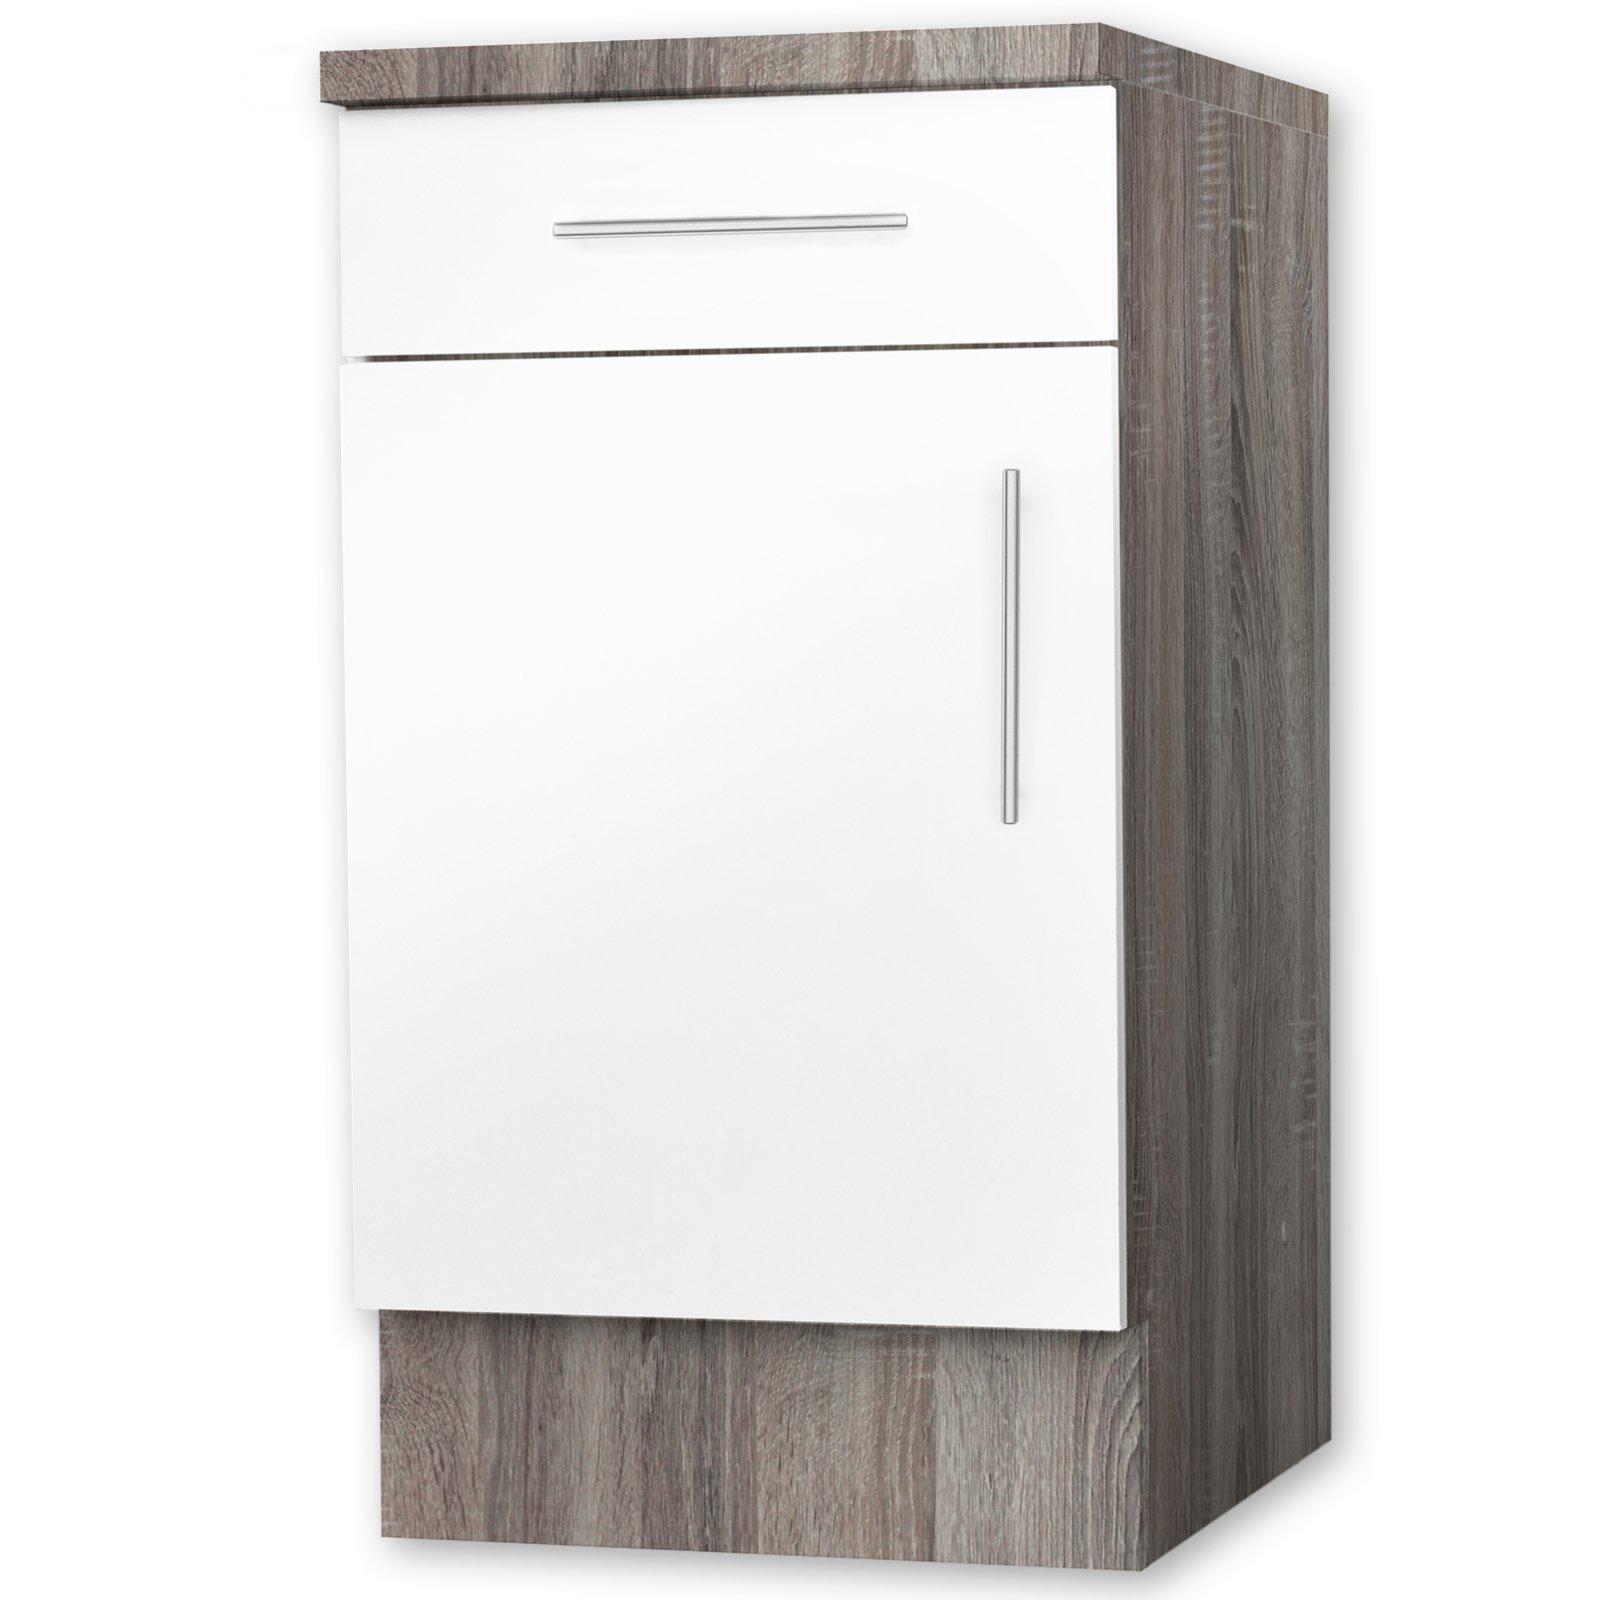 Küche JULIA | Schrankserien | Küchenschränke | Möbel | Möbelhaus ... | {Küchenschränke maße 27}